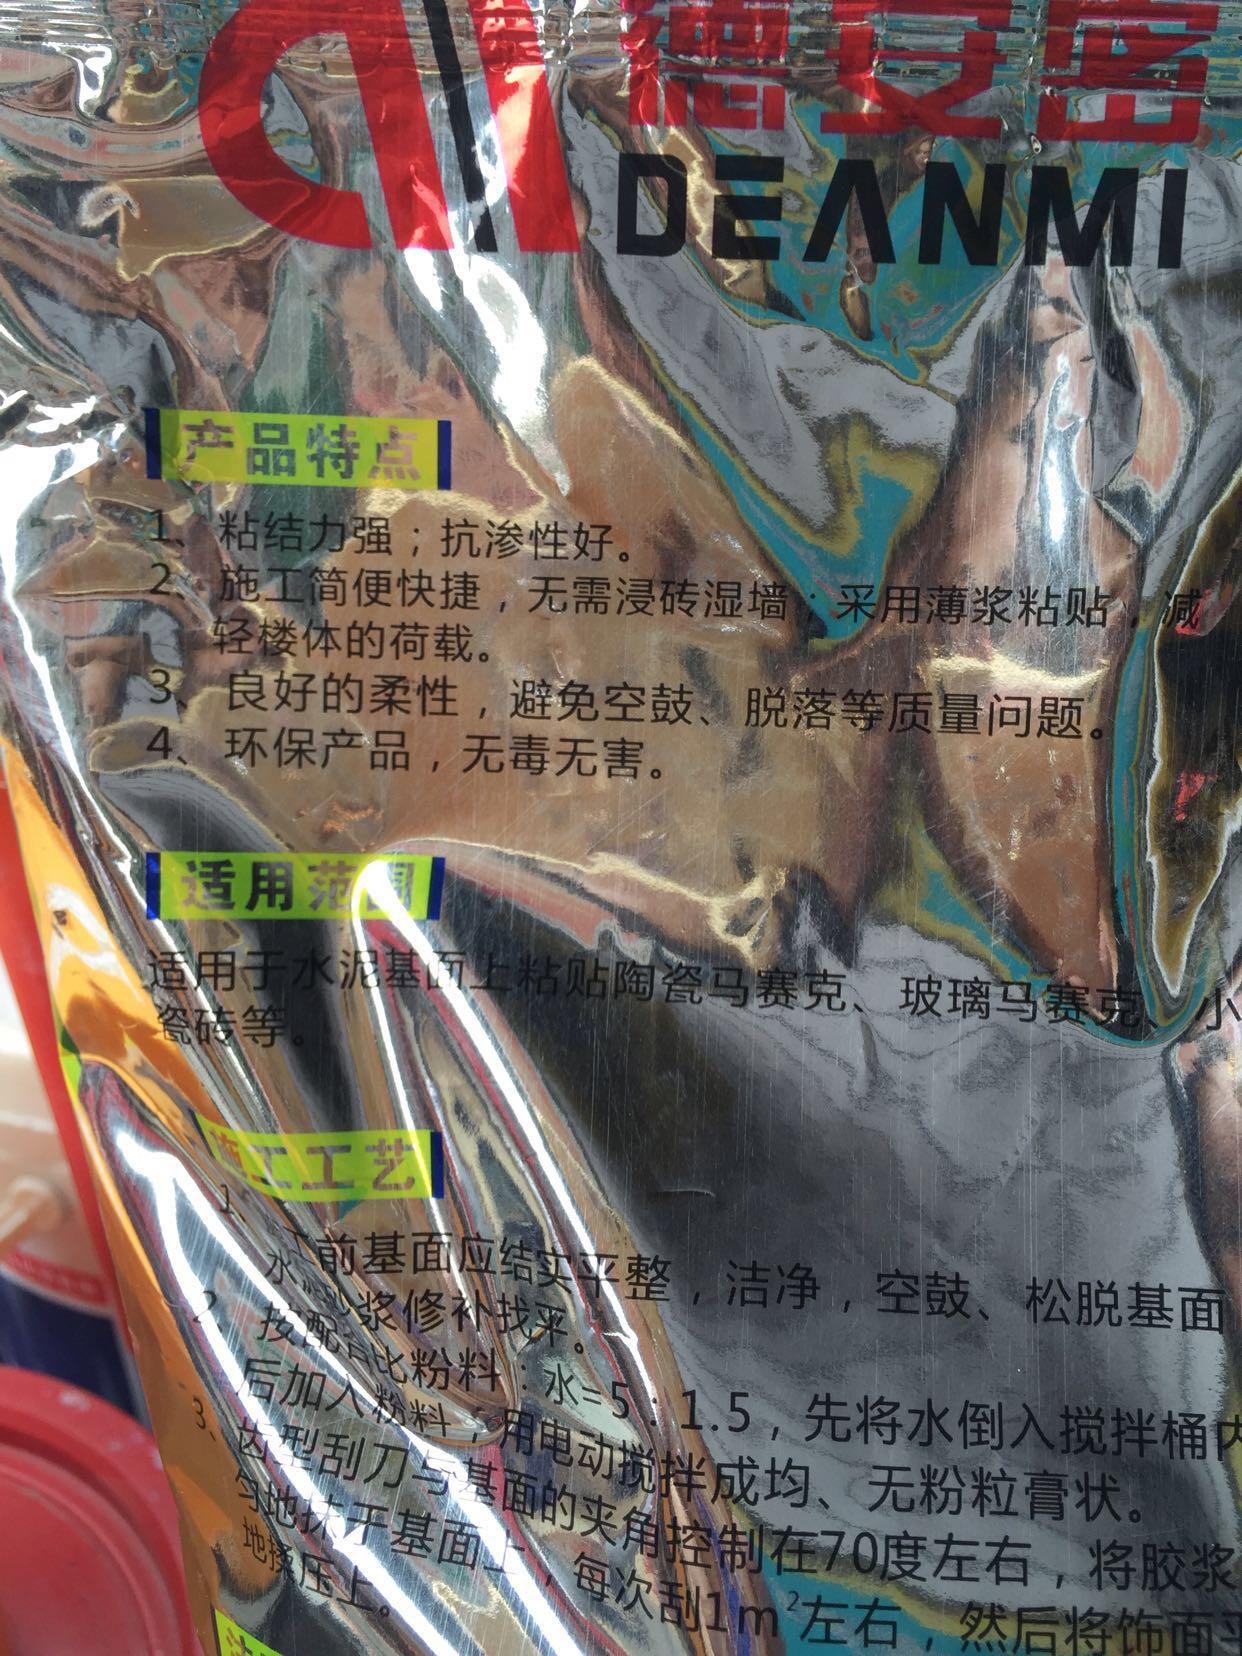 Dekan mosaik an Gemeinsame - 玻马 speziellen klebstoff - Ma 骞克 neutralen nicht.